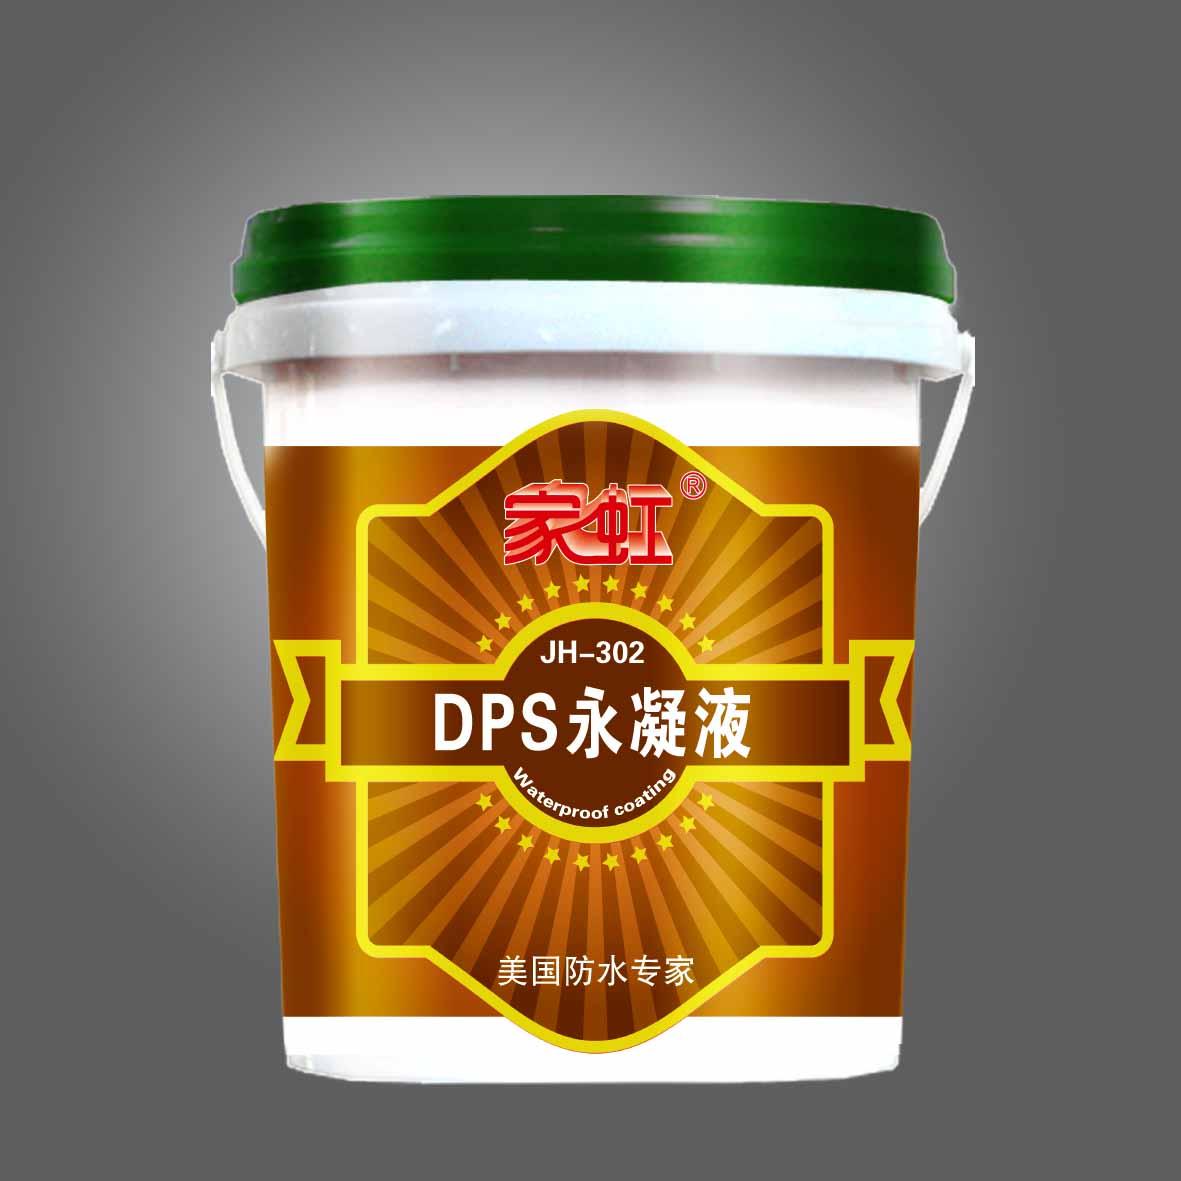 点击查看DPS永凝液详细说明